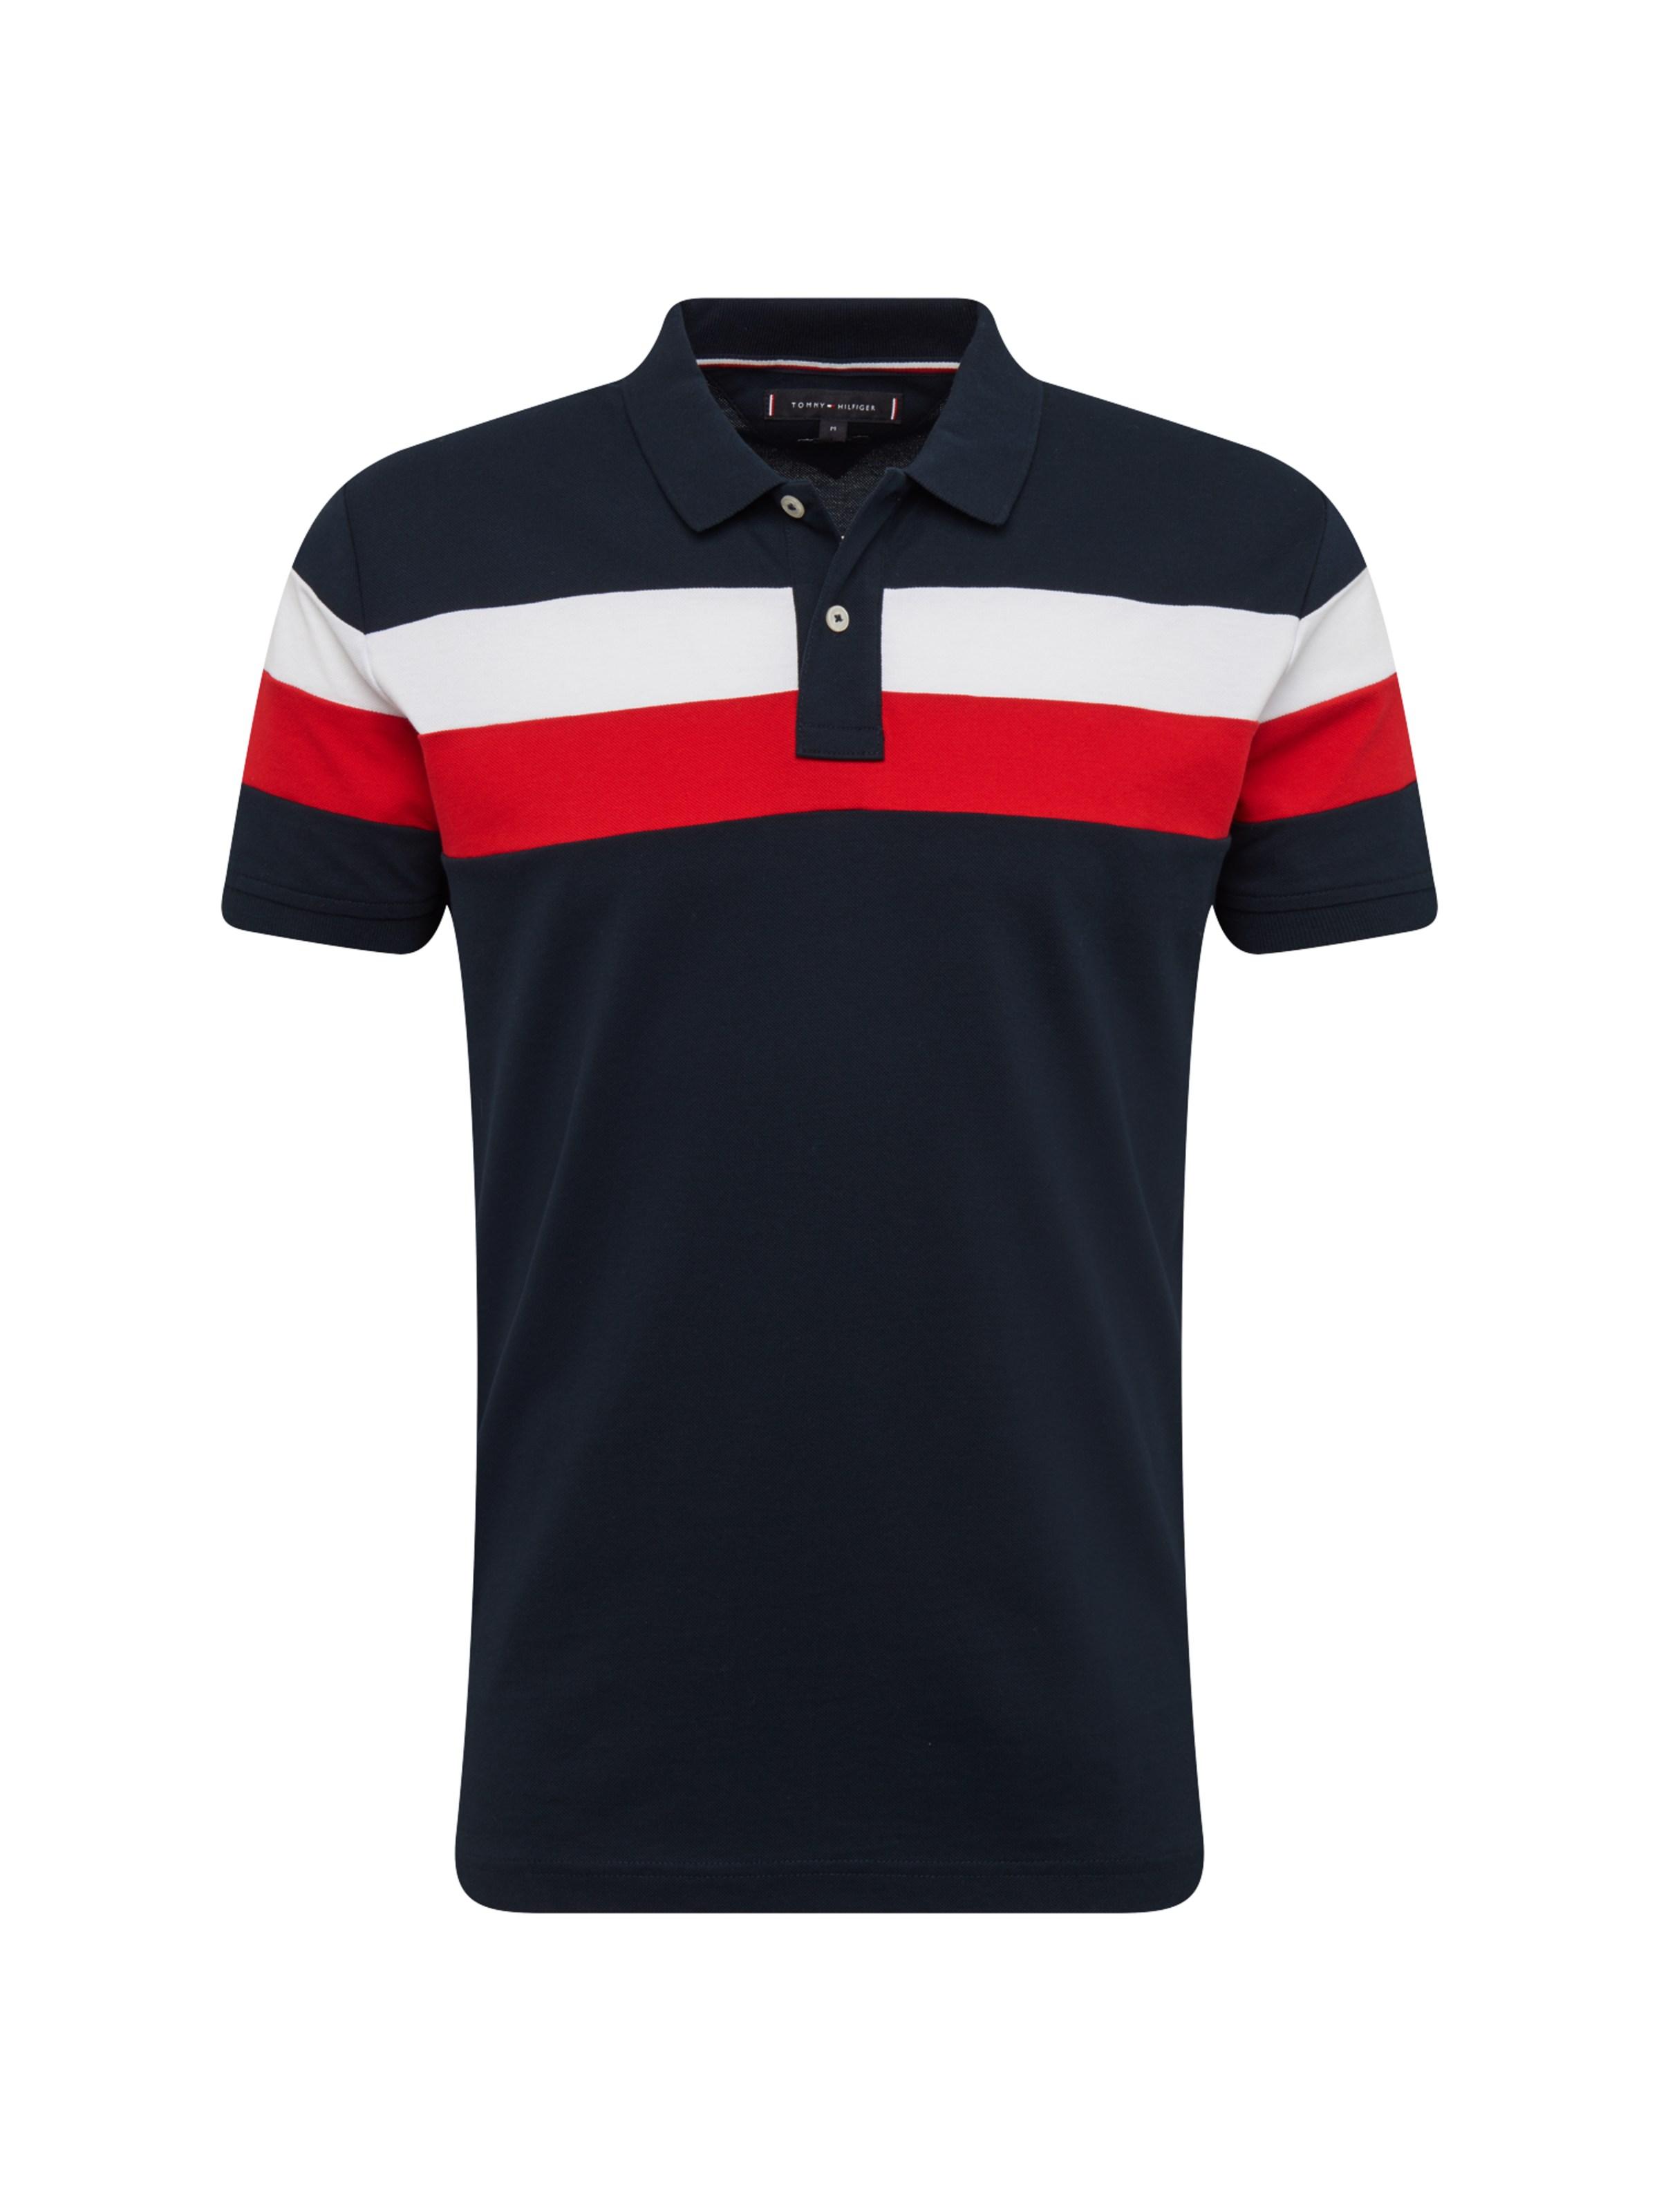 TOMMY HILFIGER Tričko  Chest Stripe  tmavě modrá   červená   bílá ... f16a27ec996